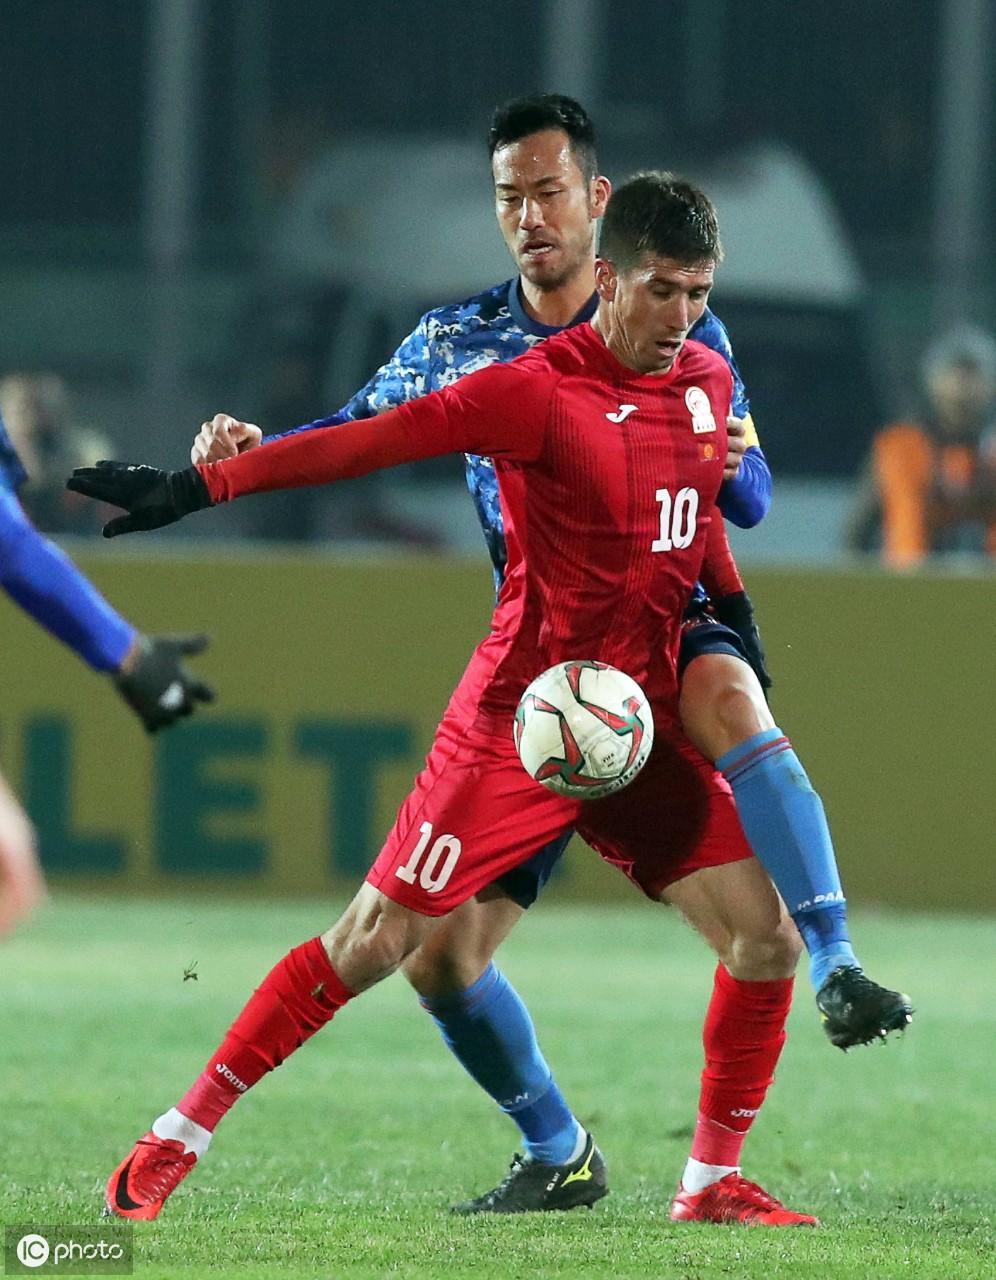 吉尔吉斯斯坦和日本之间的2022年世界杯预选赛